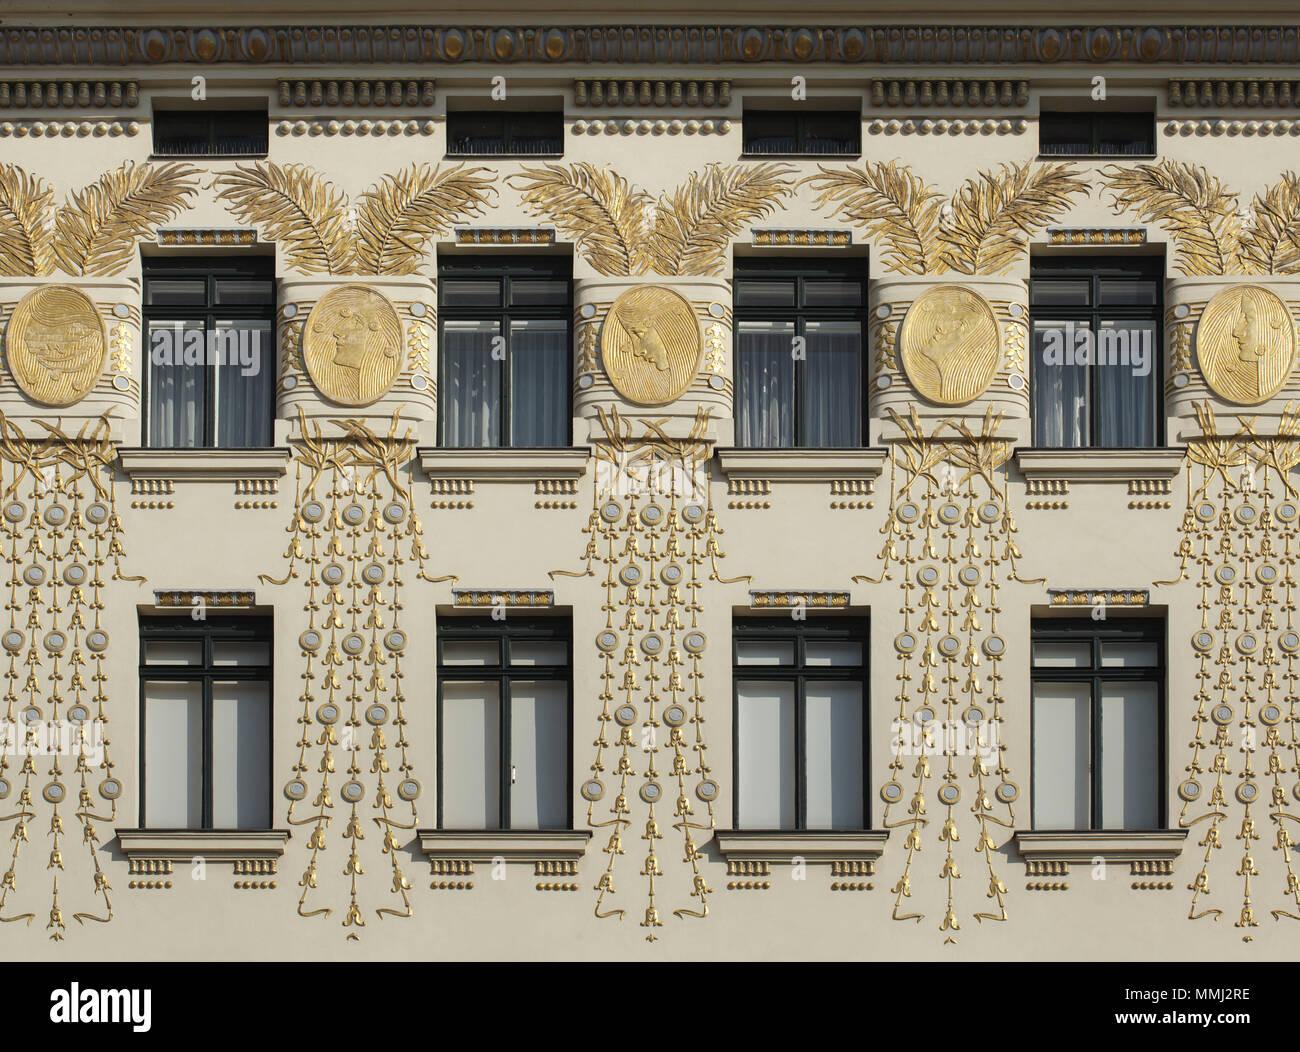 Wienzeilenhaus Vienna Line House Also Known As The Musenhaus